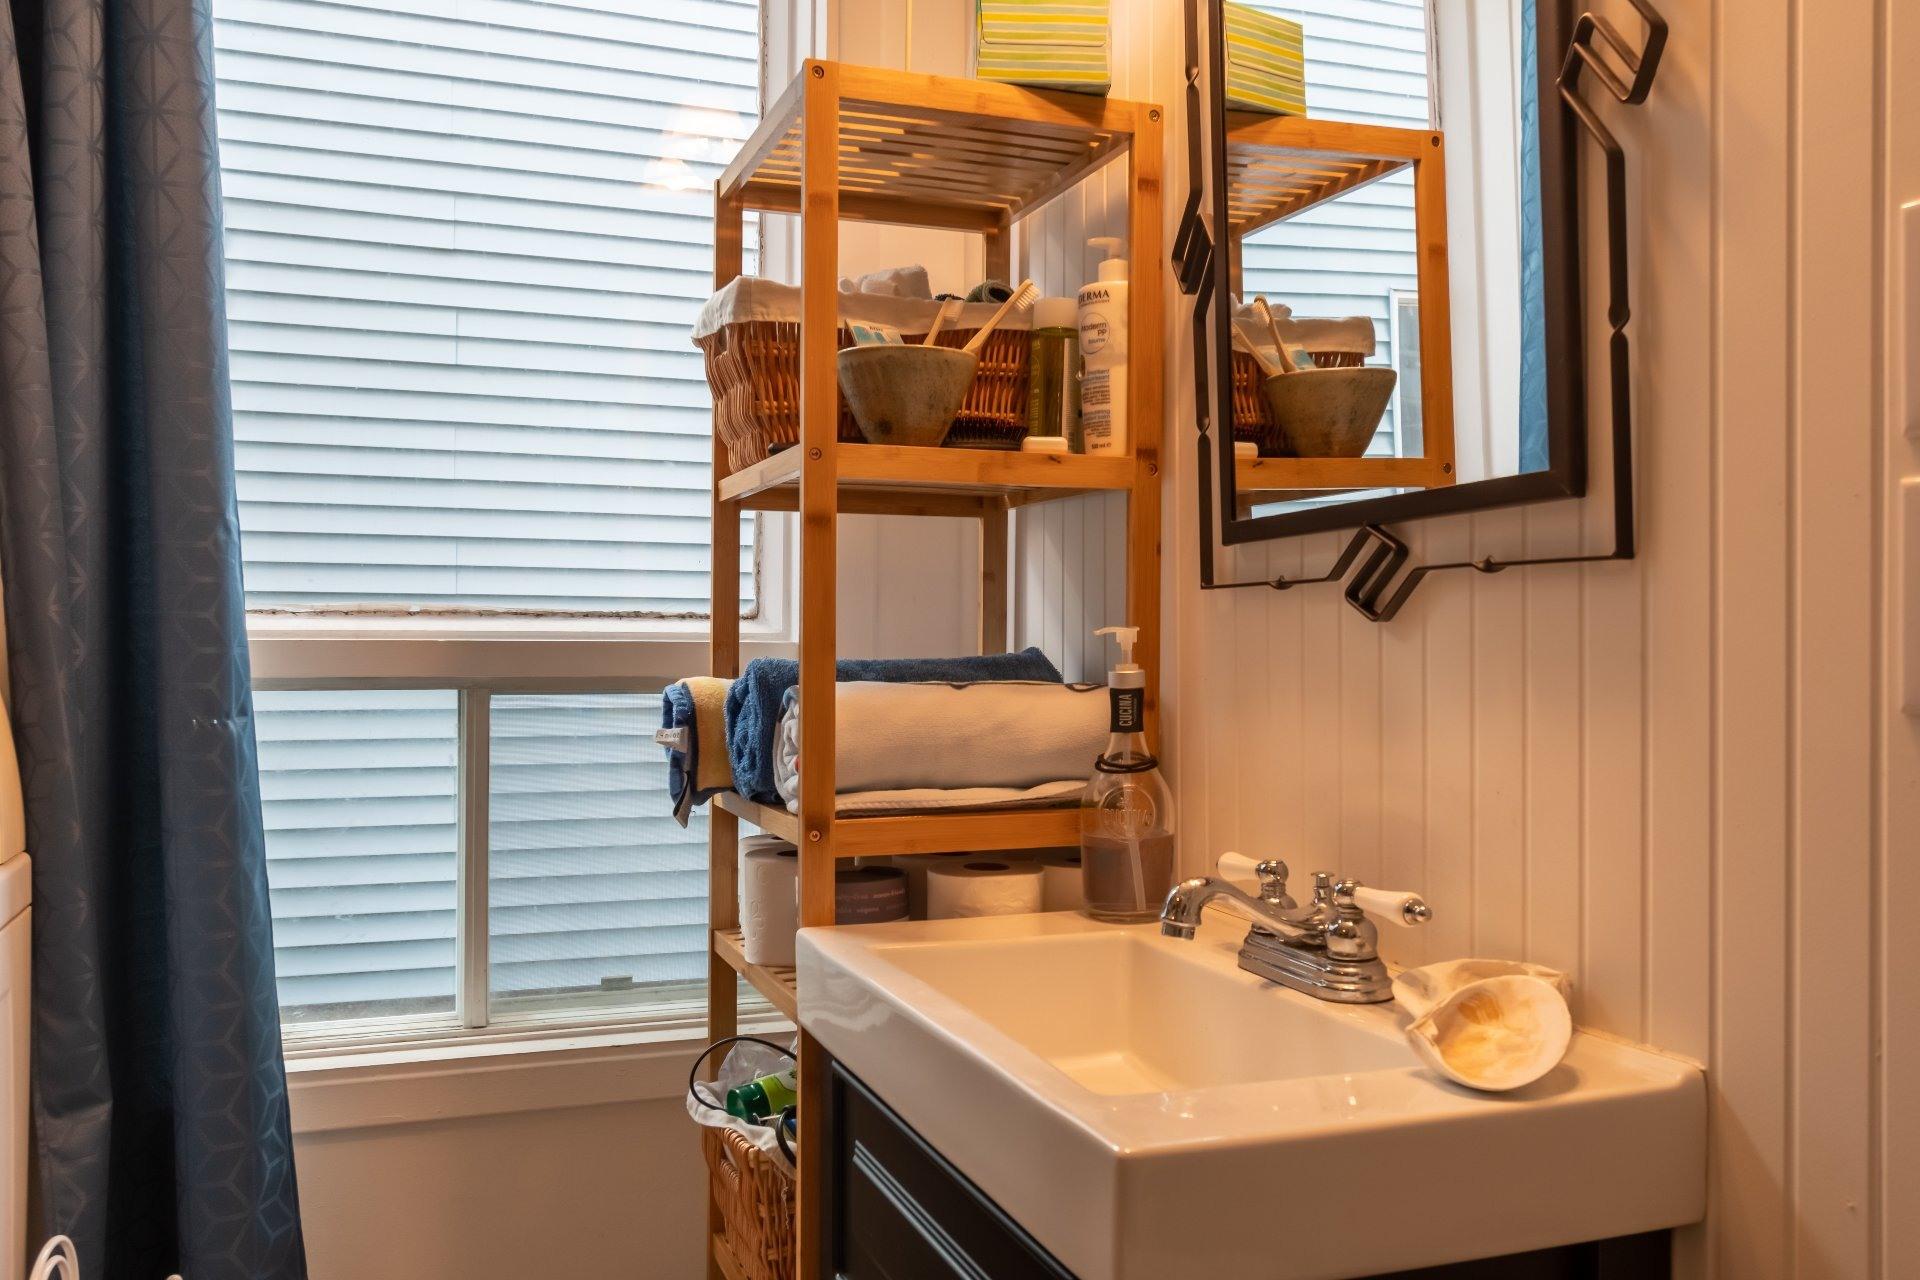 image 11 - Duplex For sale Trois-Rivières - 4 rooms